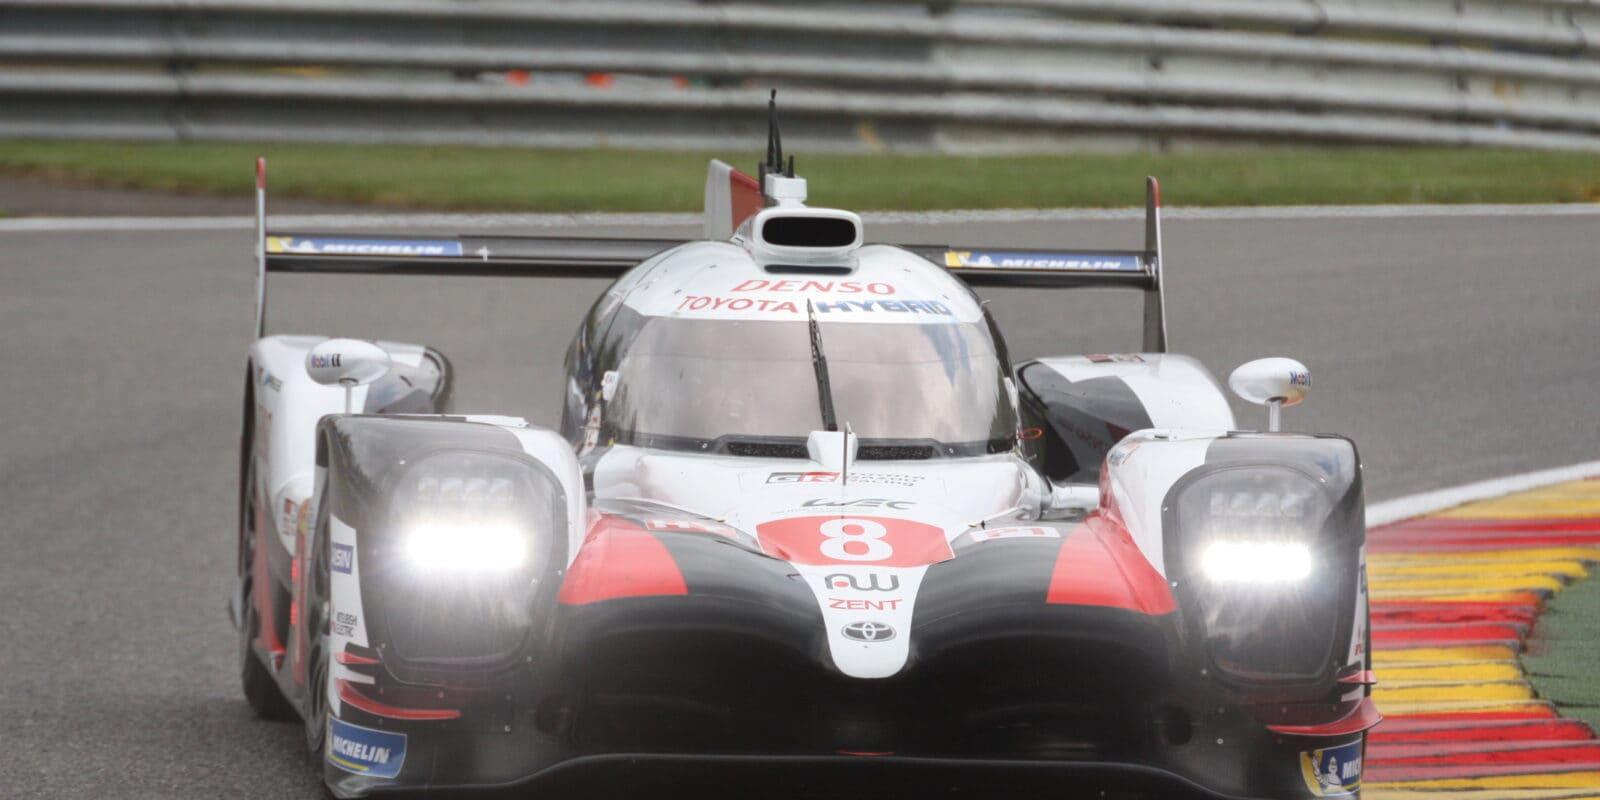 První podnik FIA-WEC ve Spa: Toyota de facto bez konkurence